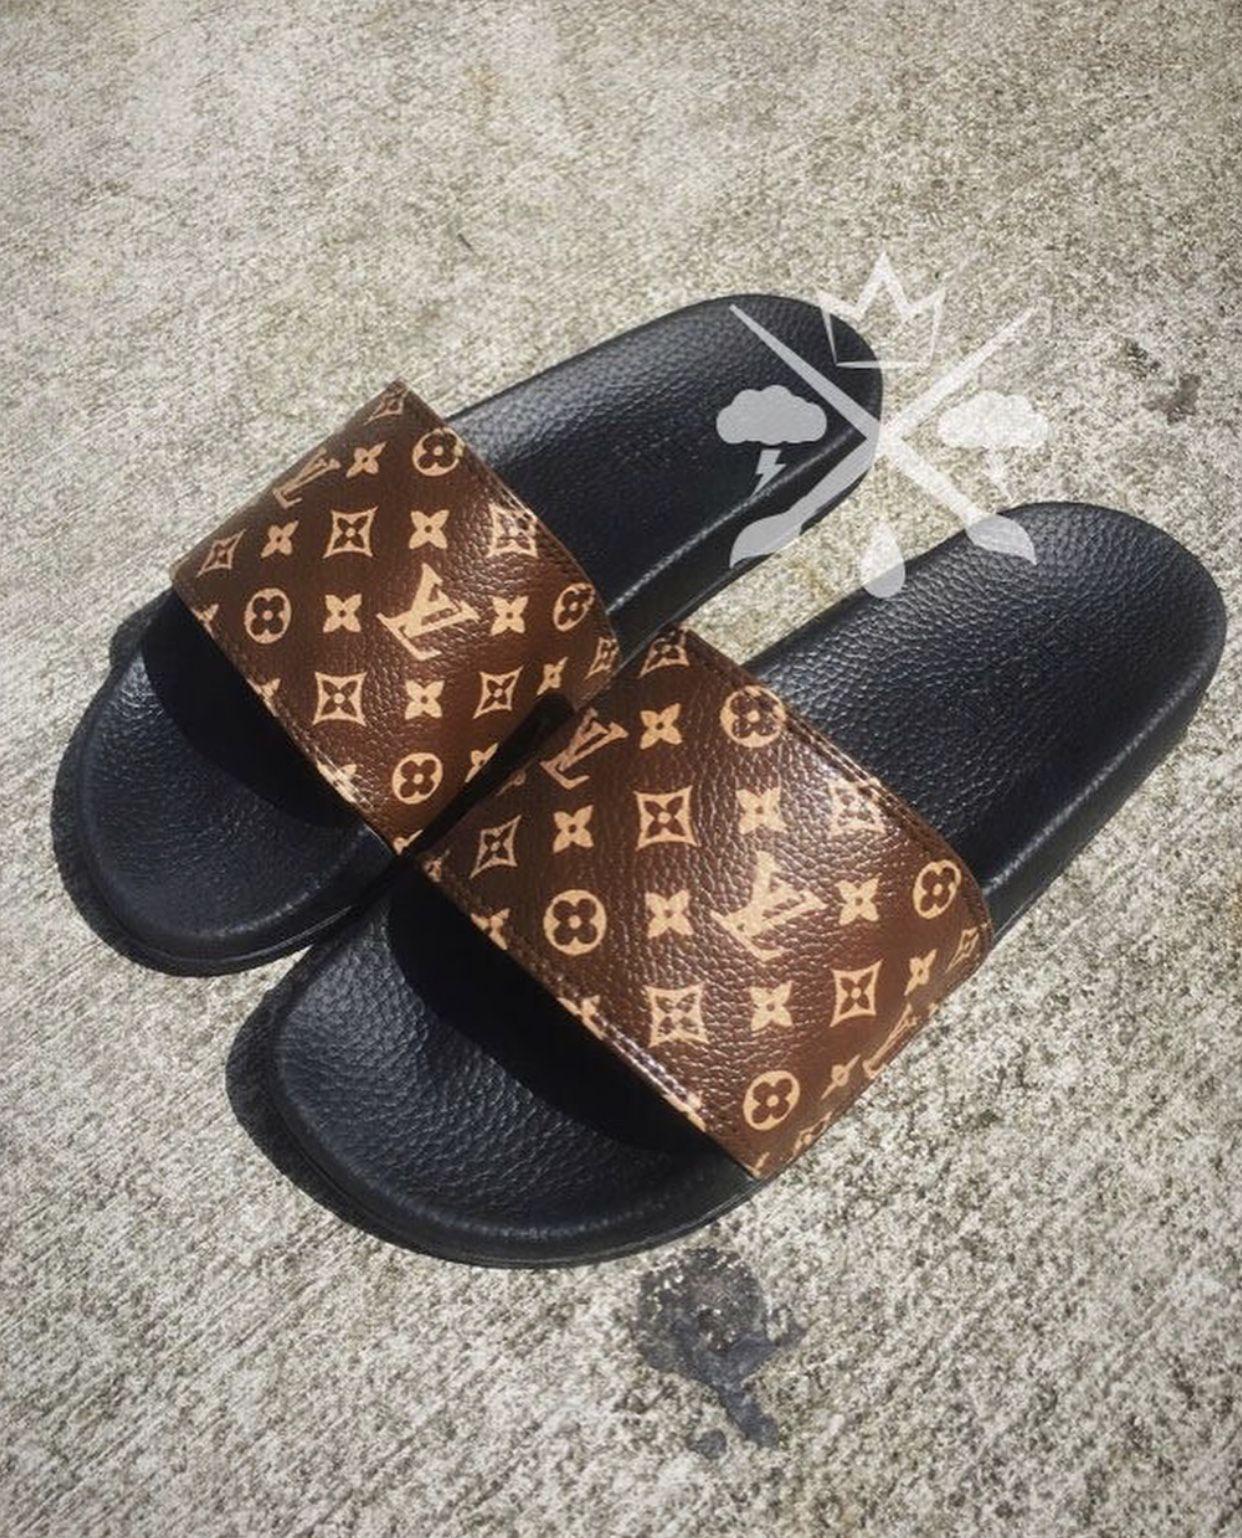 e2ec8b73d8a4  ccurlzz Louis Vuitton Slides